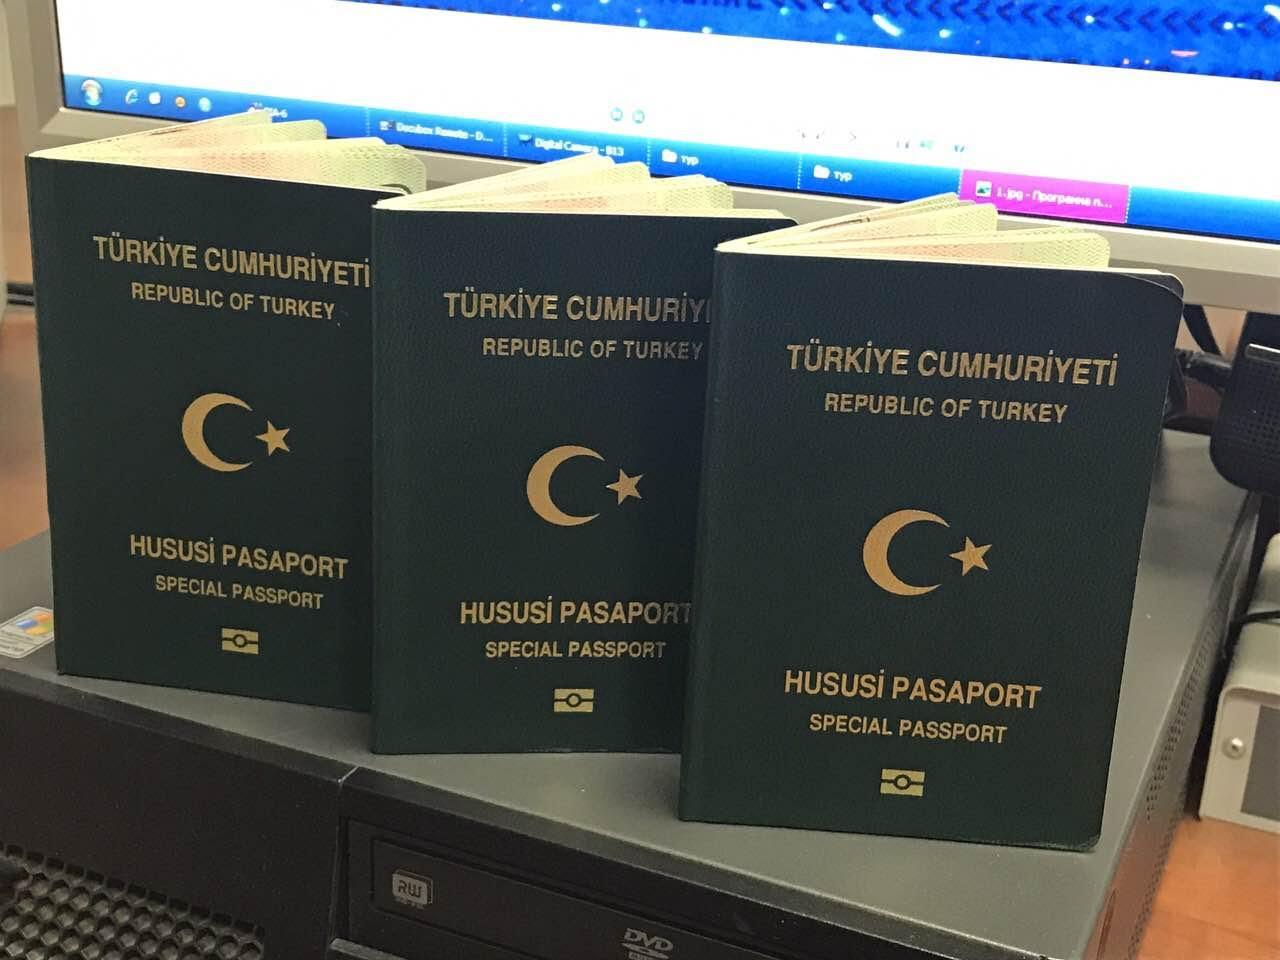 Прикордонники затримали трьох турків з підробленими документами